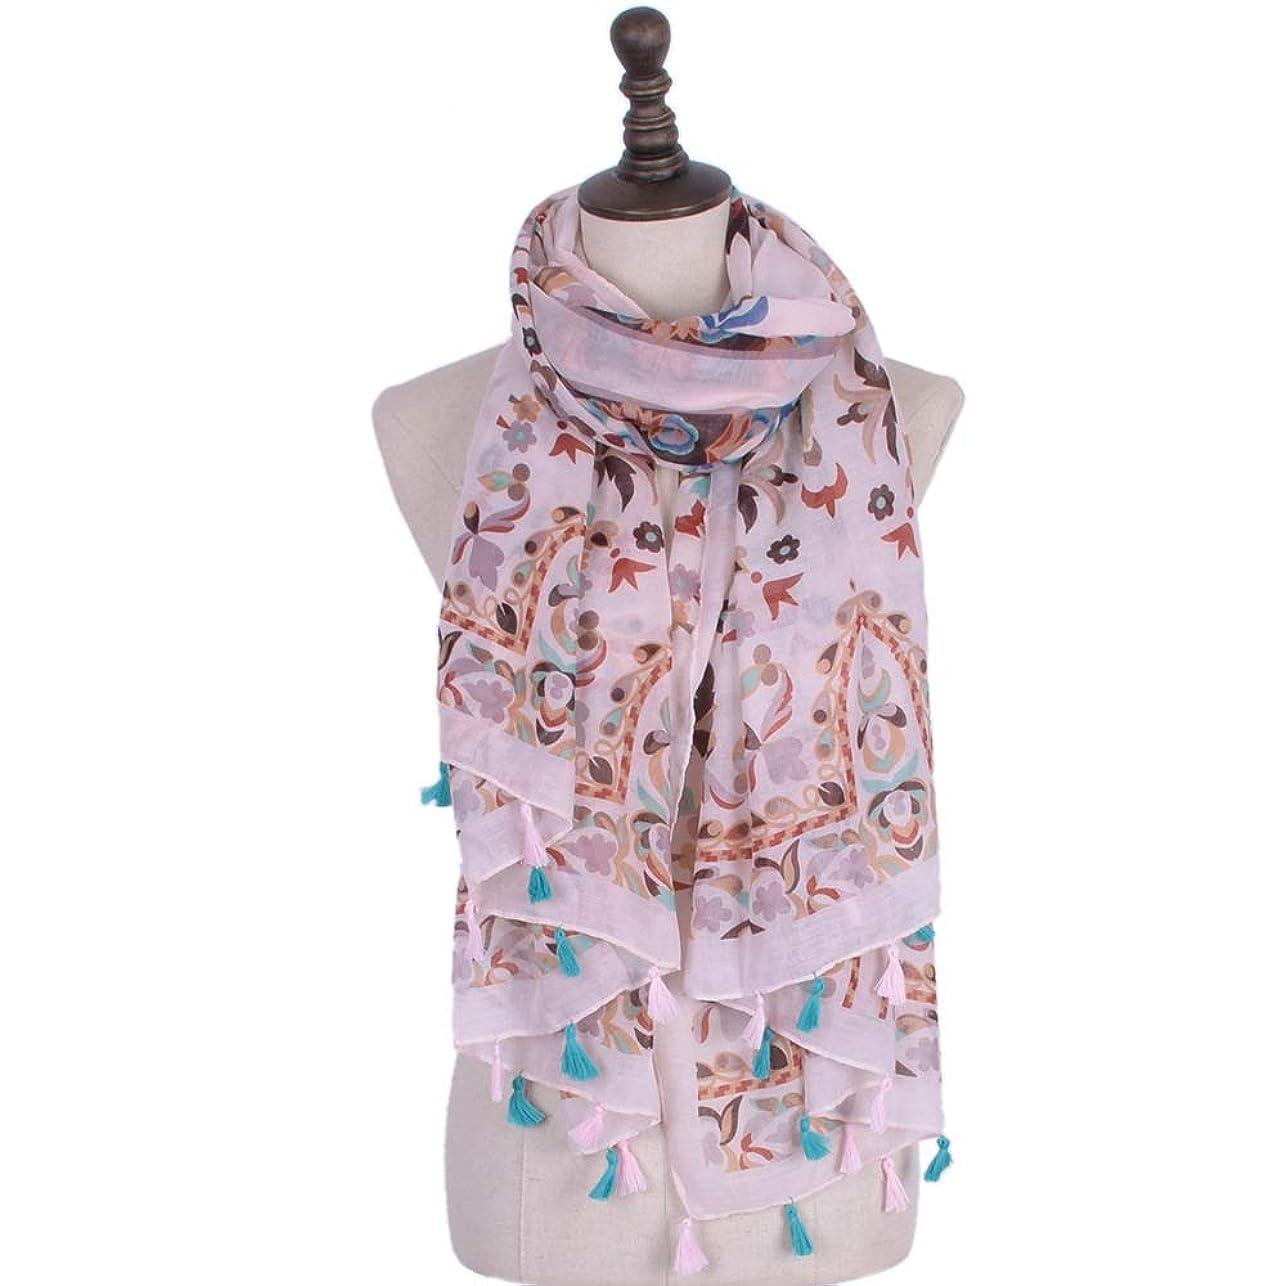 課すママ契約するMUMUWU 冬のカシミヤ感メンズスカーフスーパーソフト豪華なメンズチェック柄スカーフ毛布スカーフ (Color : ピンク, Size : One Size)